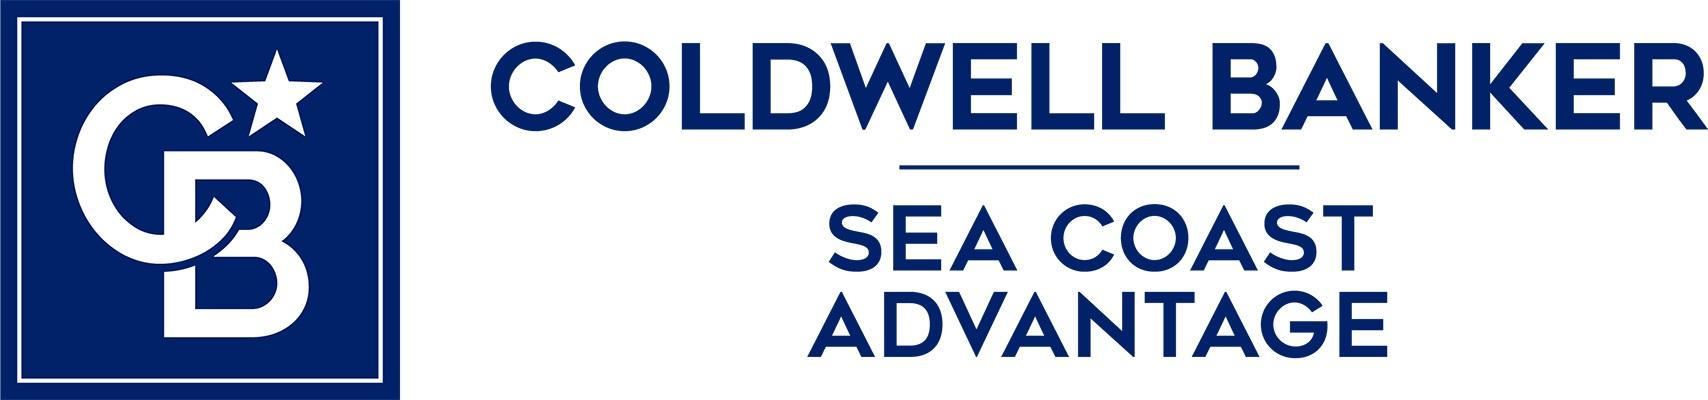 Irena Kohler - Coldwell Banker Sea Coast Advantage Realty Logo